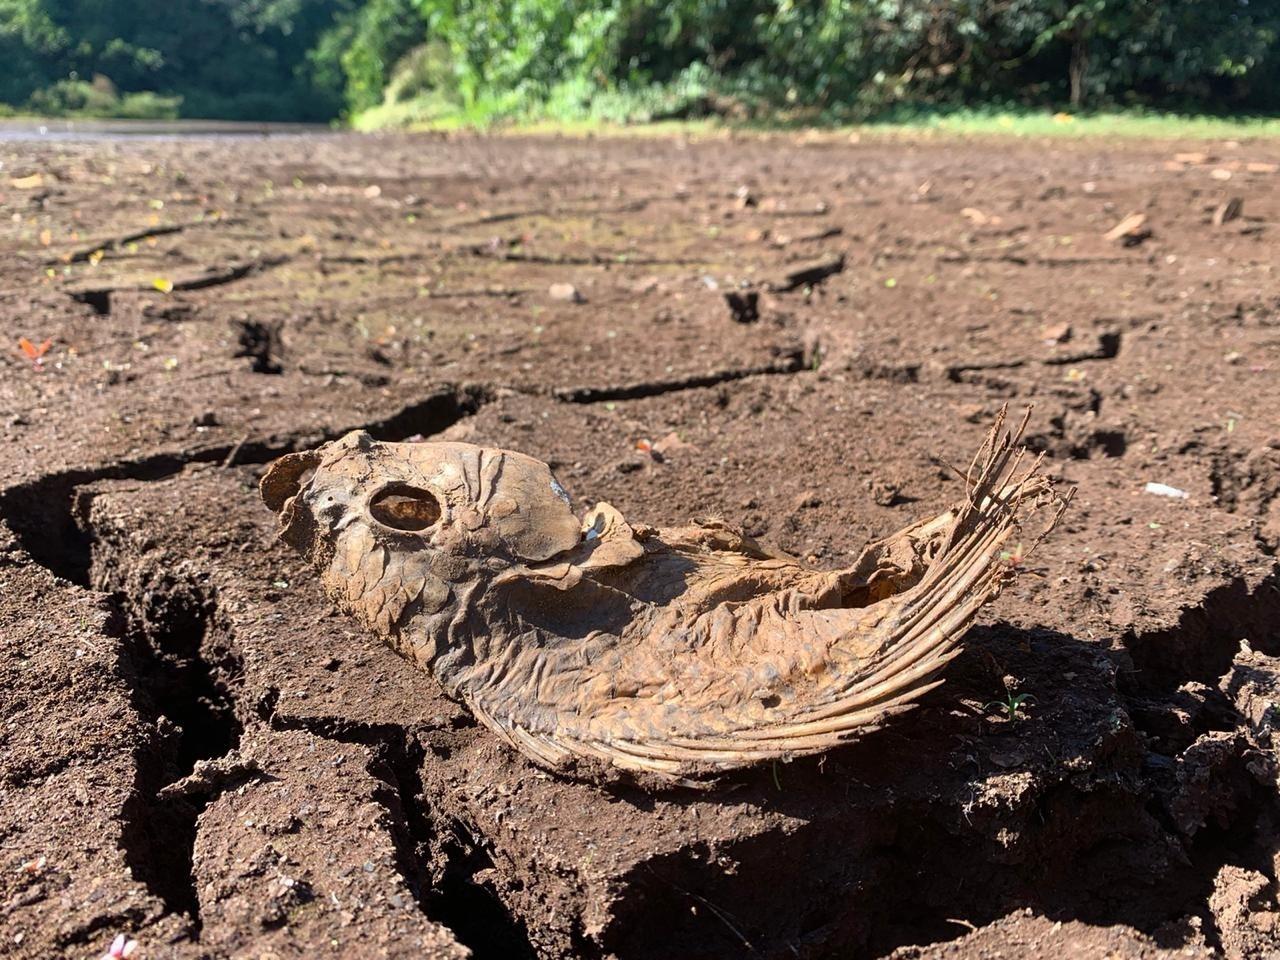 Com a estiagem, nível da água baixou e peixes morreram/ Foto: Fábio Guillen GMC Online